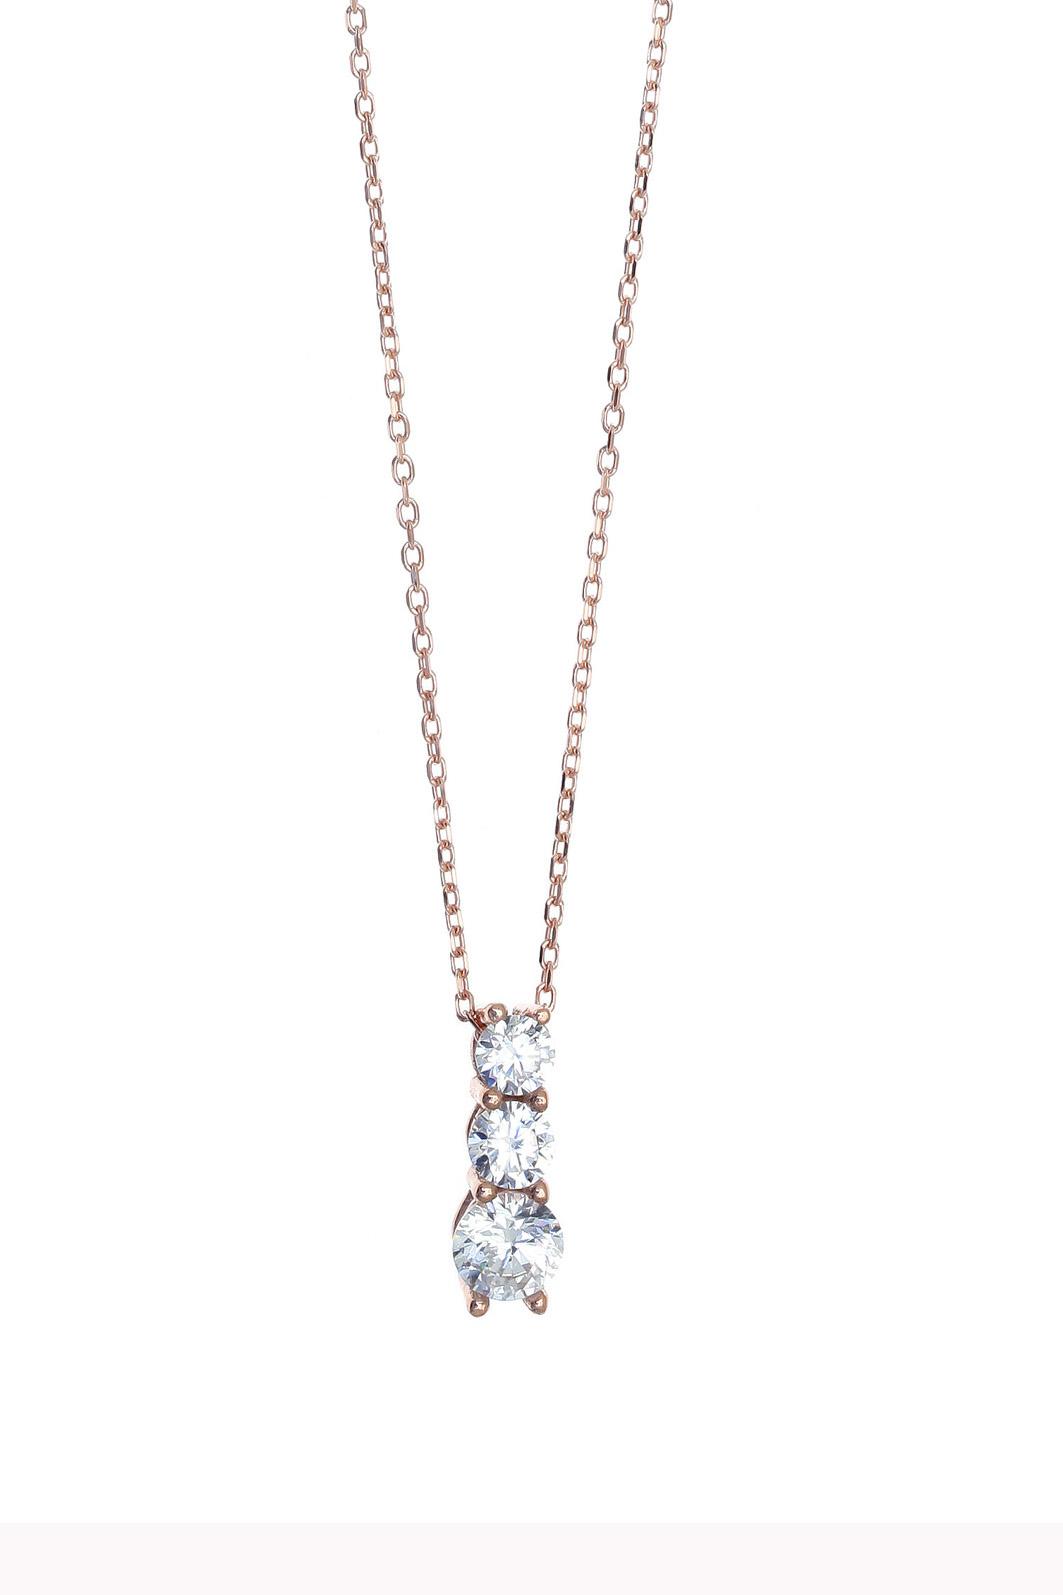 Κολιέ ασήμι 925 με ροζ επιχρύσωση   με συνθετικές πέτρες - Gregio in ... 81c01c7faf4